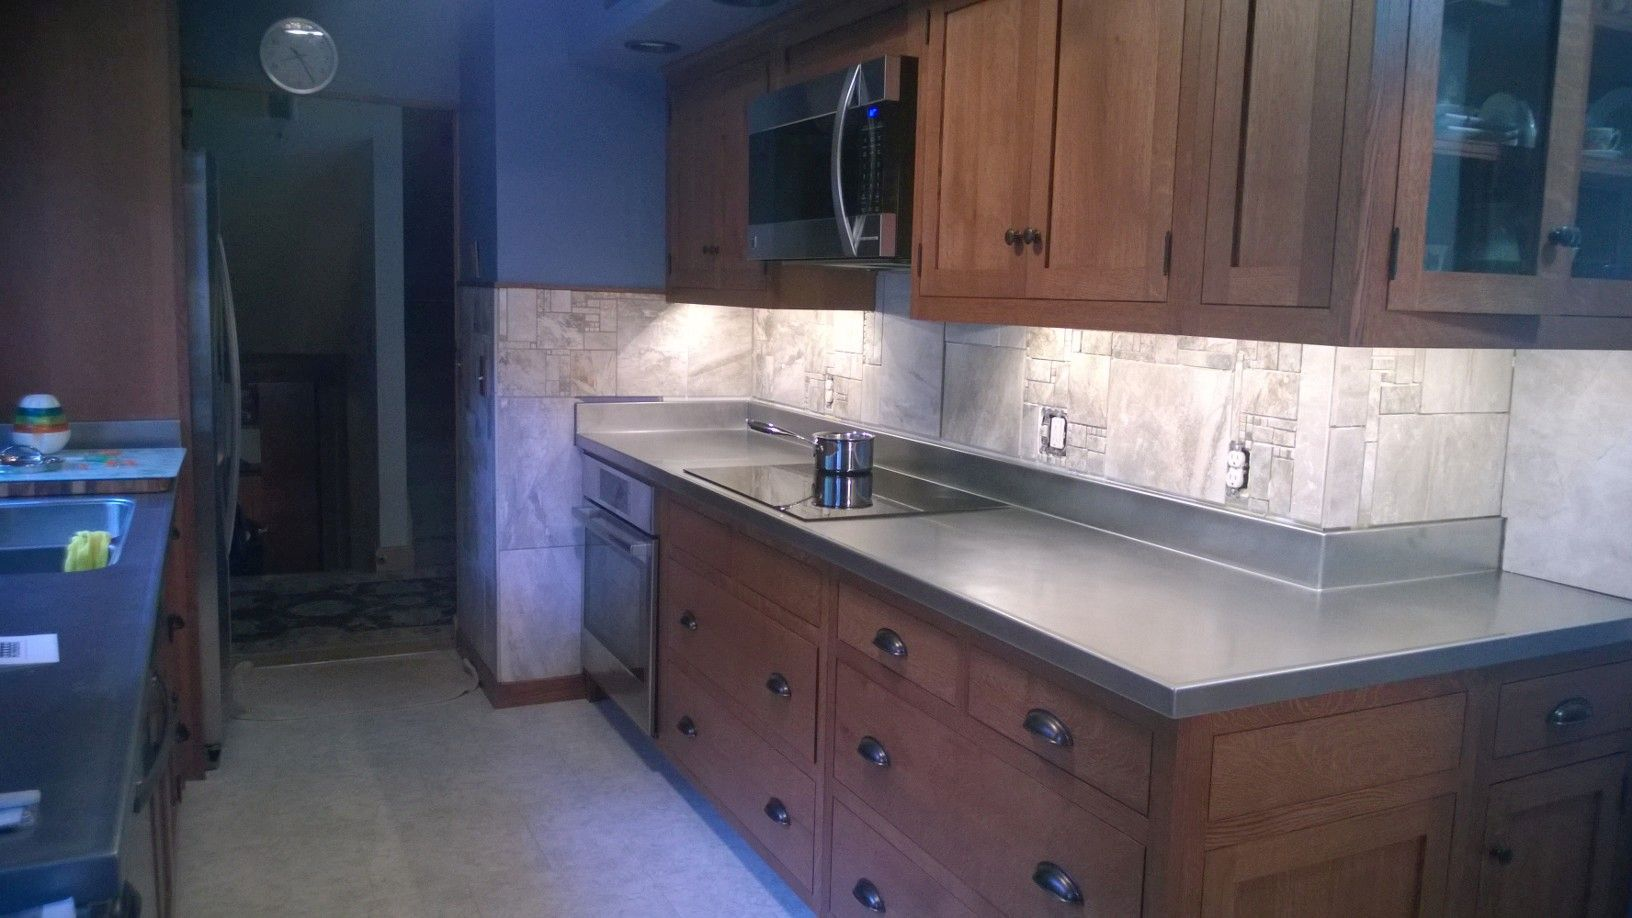 Custom Stainless Steel Countertops | Frigo Design